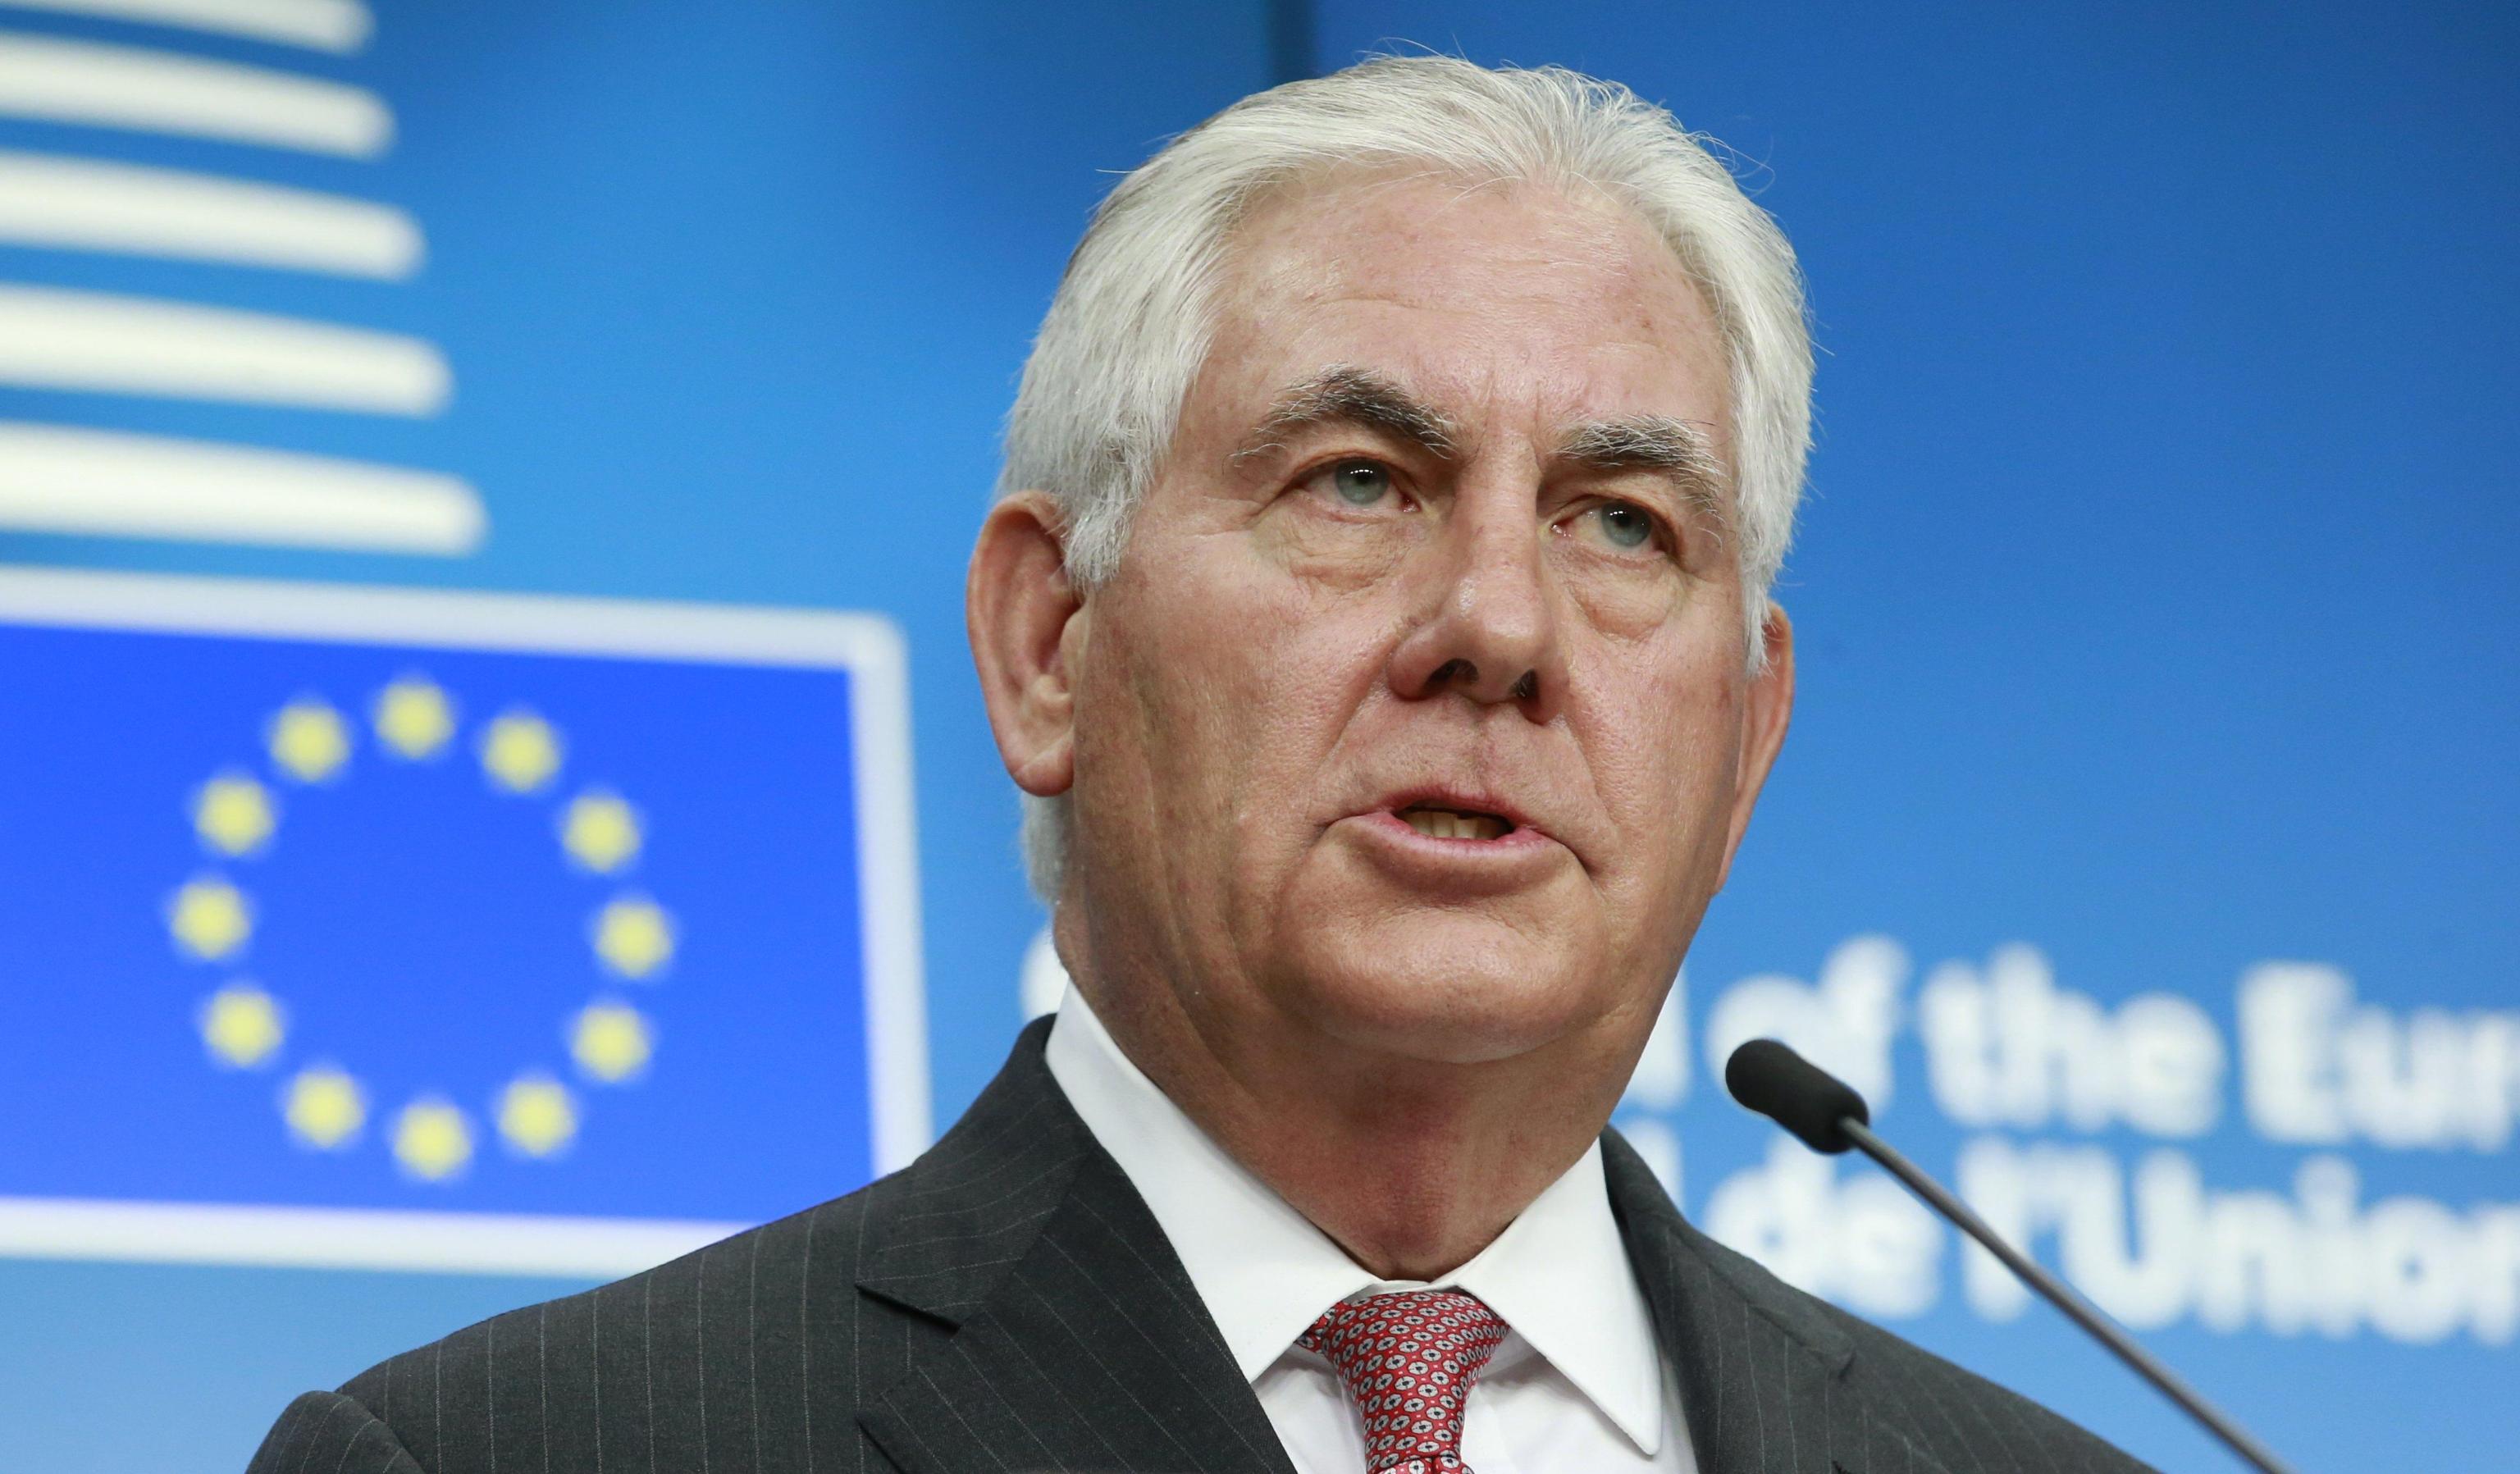 Corea Nord: Tillerson, bene posizione Ue